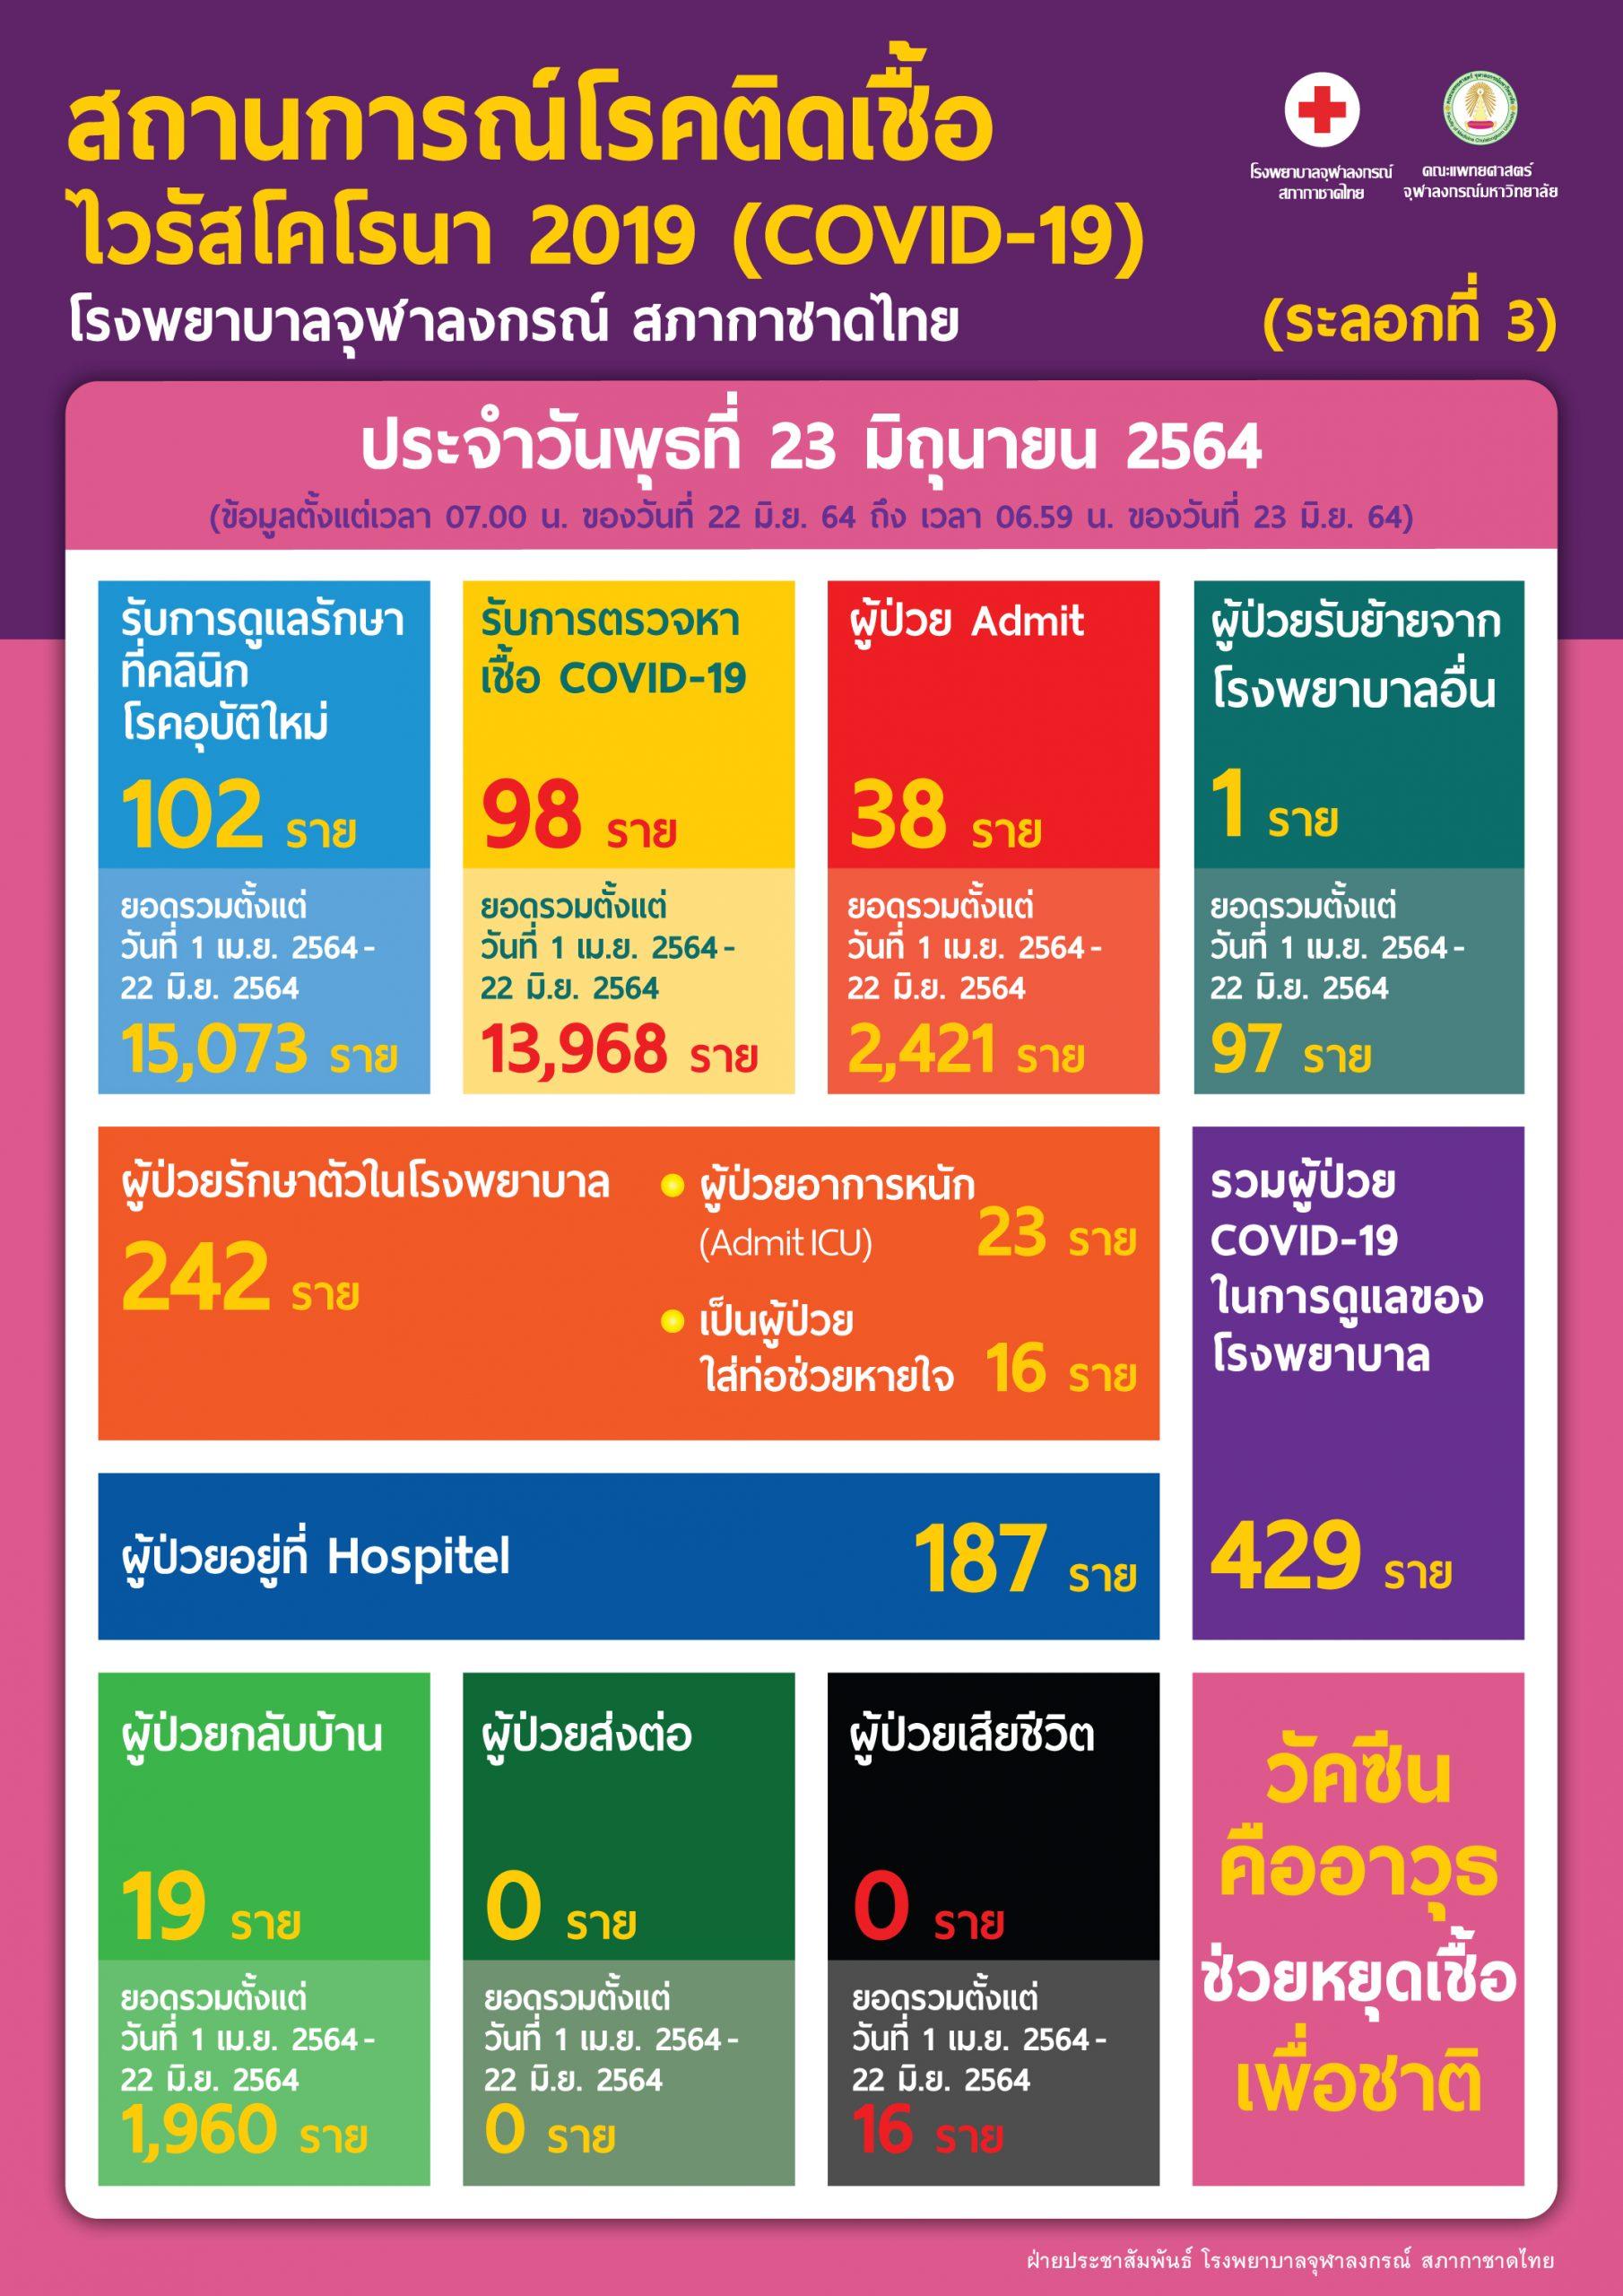 สถานการณ์โรคติดเชื้อไวรัสโคโรนา 2019 (COVID-19) (ระลอกที่ 3) โรงพยาบาลจุฬาลงกรณ์ สภากาชาดไทย  ประจำวันพุธที่ 23 มิถุนายน 2564